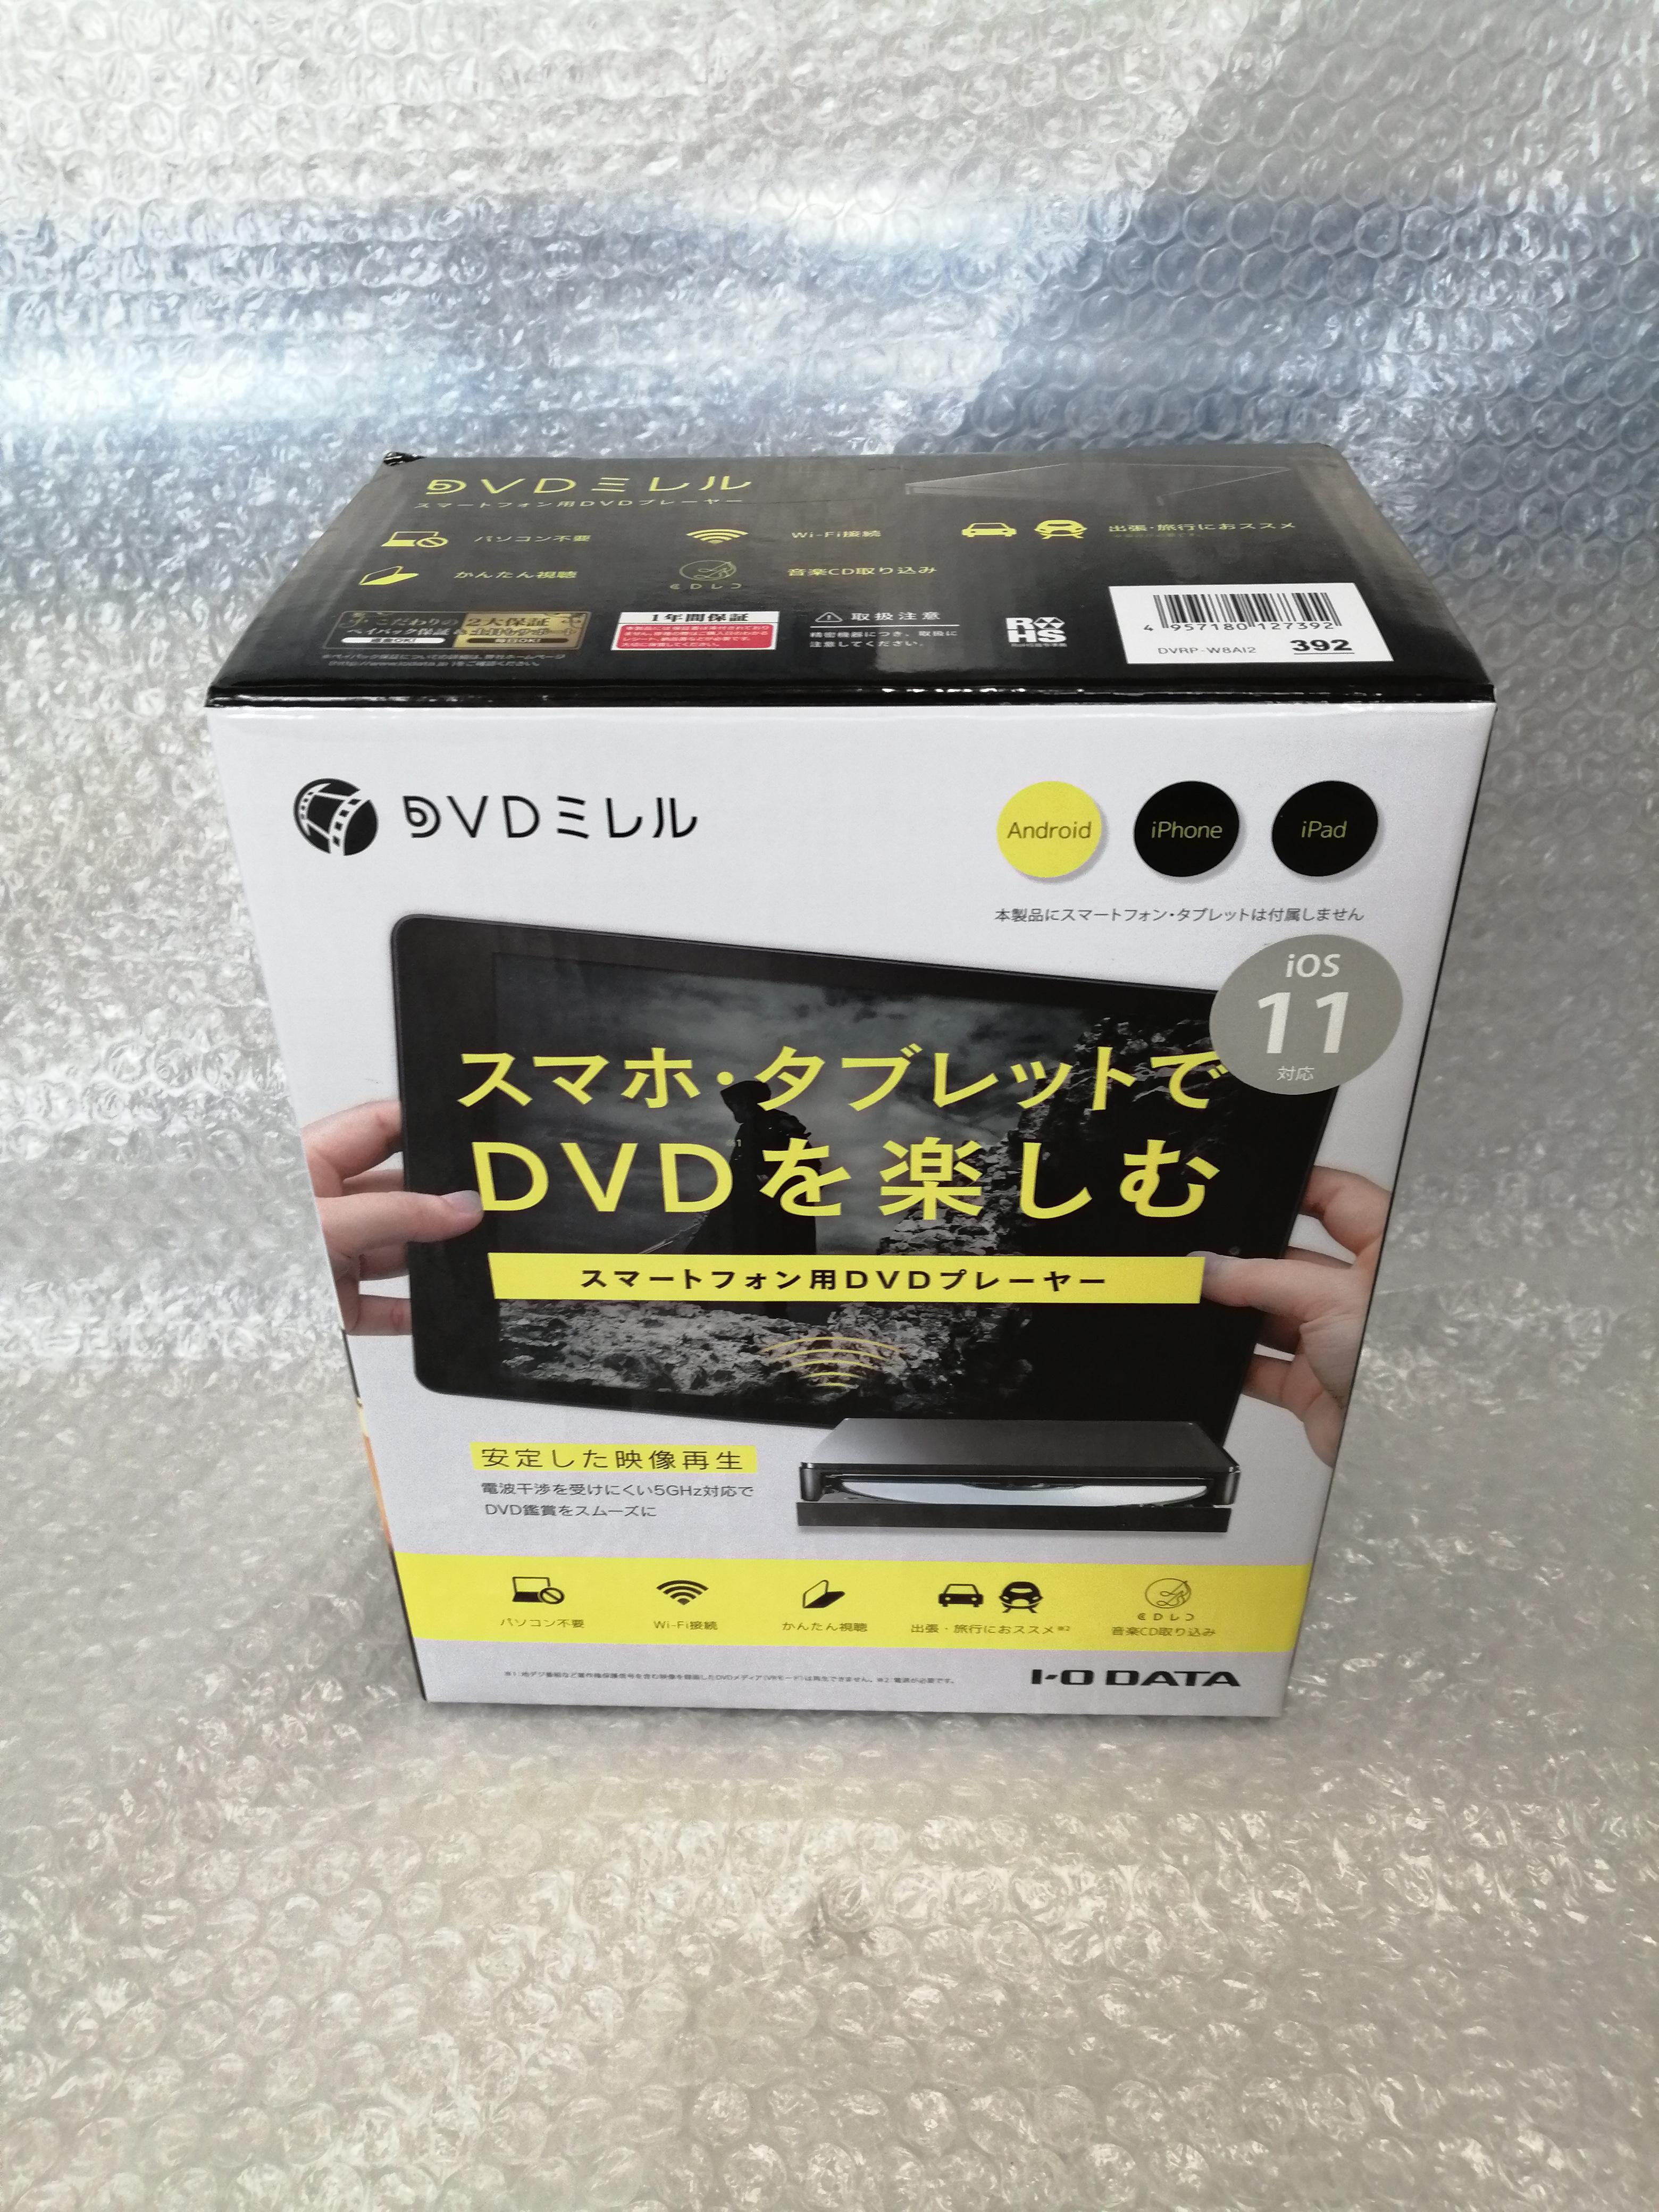 スマートフォン用DVDプレーヤー I・O DATA